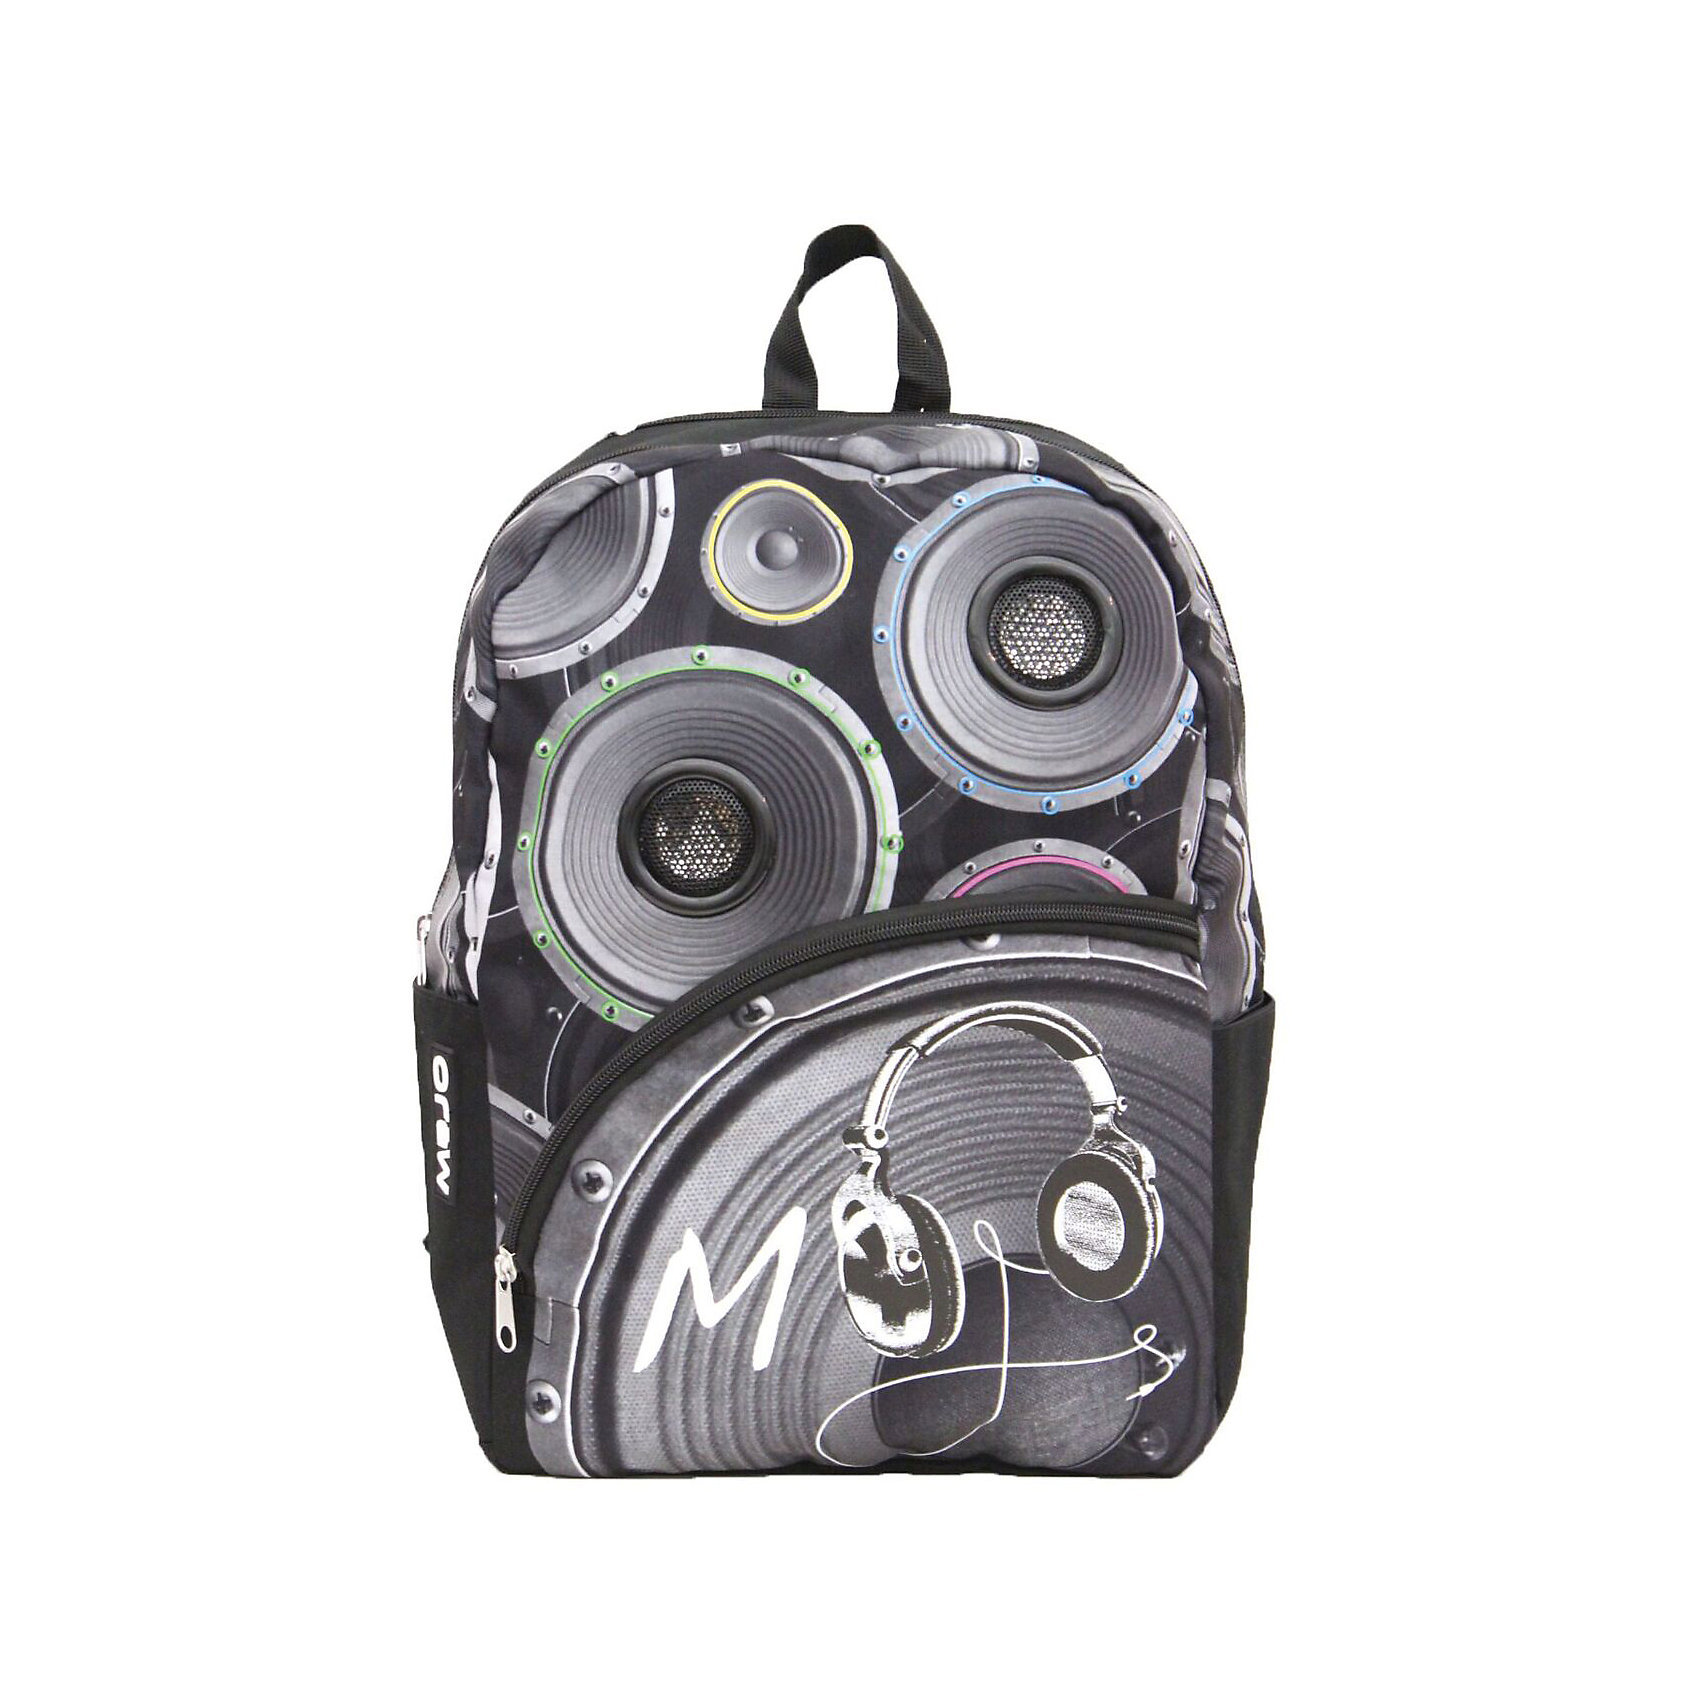 Рюкзак со стерео колонками для iPhone/iPod/mp3Рюкзаки<br>Характеристики товара:<br><br>• цвет: черный с принтом;<br>• возраст: от 10 лет;<br>• вес: 0,5 кг;<br>• размер: 43х30х16 см;<br>• в комплекте встроенные стереоколонки с усилителями;<br>• светится в УФ и темноте;<br>• внутри мягкое отделение для планшета или ноутбука;<br>• впереди большой карман на молнии;<br>• два боковых кармана;<br>• плотная спинка и усиленное дно;<br>• мягкие регулируемые лямки;<br>• материал: полиэстер;<br>• страна бренда: США;<br>• страна изготовитель: Китай.<br><br>Благодаря люминесцентной краске в покрытии, обладатель этого рюкзака будет выделятся и не останется незамеченным.<br>Изображение наушников и динамиков на переднем кармане ярко фосфоресцирует в темноте, привлекая внимание окружающих.<br><br>В комплекте встроенные стереоколонки с усилителями. Колонки работают от 4 батареек типа АА, разьем 3.5` (старндартный).<br><br>Имеется полноразмерное основное отделение с органайзером, внешний отсек среднего размера, и два боковых кармана.<br><br>Рюкзак со стерео колонками для iPhone/iPod/mp3 «Masta Blasta with SPEAKER» можно купить в нашем интернет-магазине.<br><br>Ширина мм: 430<br>Глубина мм: 300<br>Высота мм: 160<br>Вес г: 500<br>Возраст от месяцев: 120<br>Возраст до месяцев: 720<br>Пол: Унисекс<br>Возраст: Детский<br>SKU: 7054139